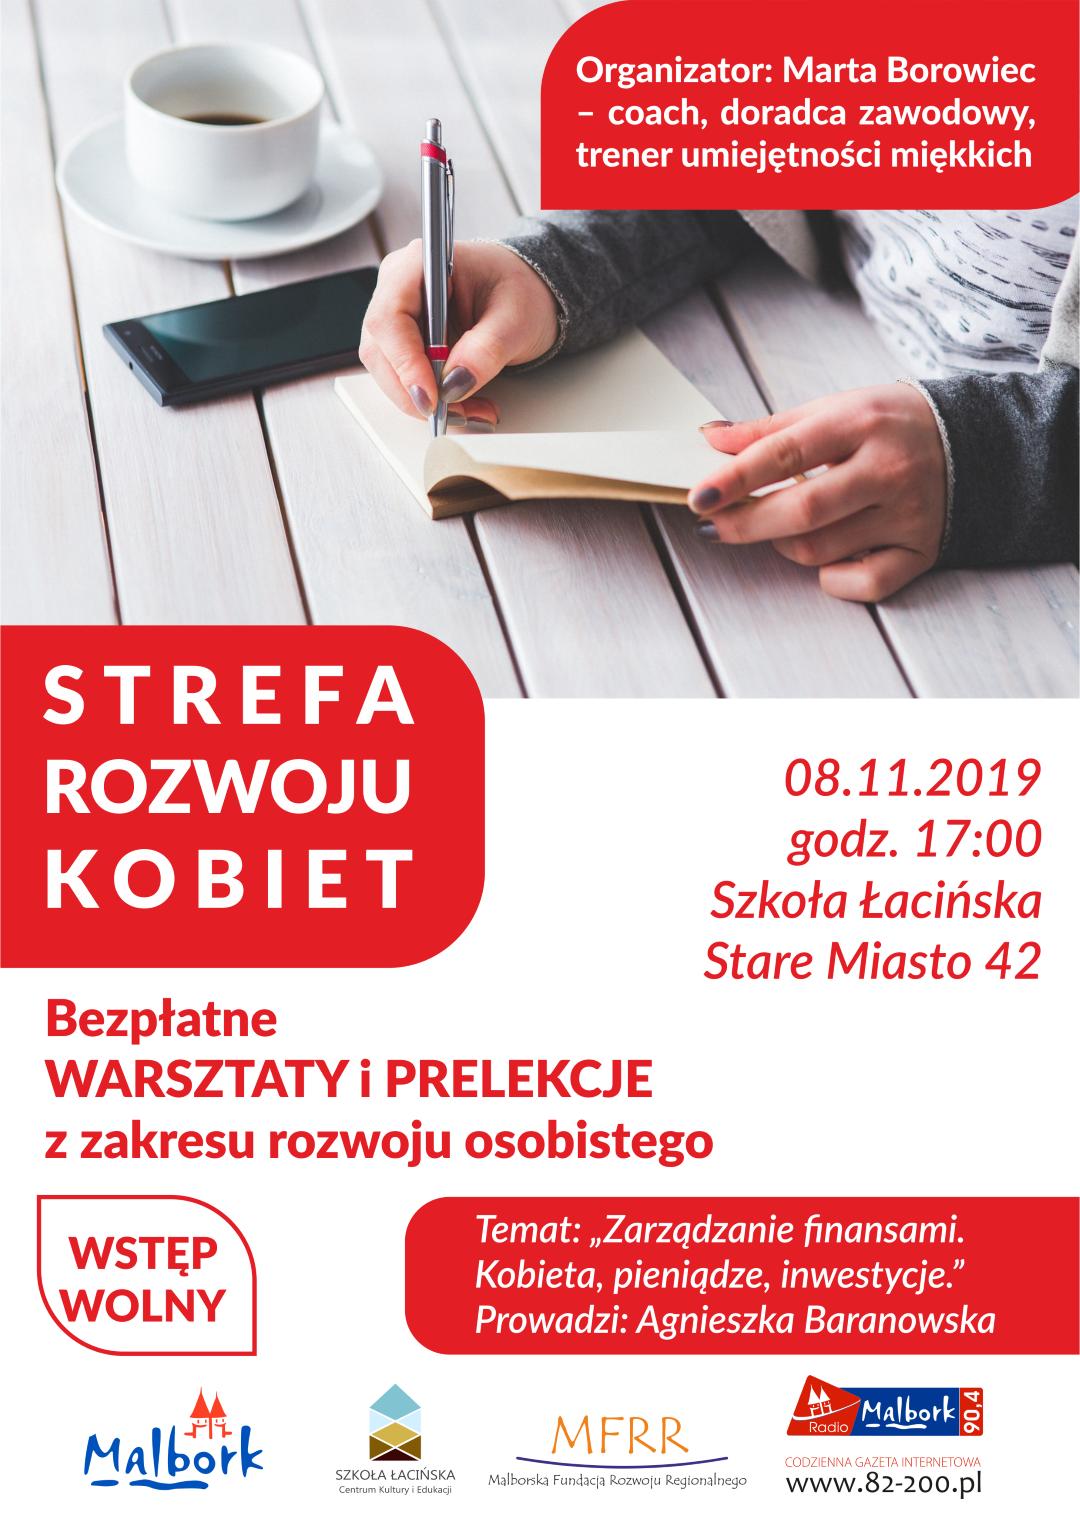 http://m.82-200.pl/2019/11/orig/strefa4-5159.png